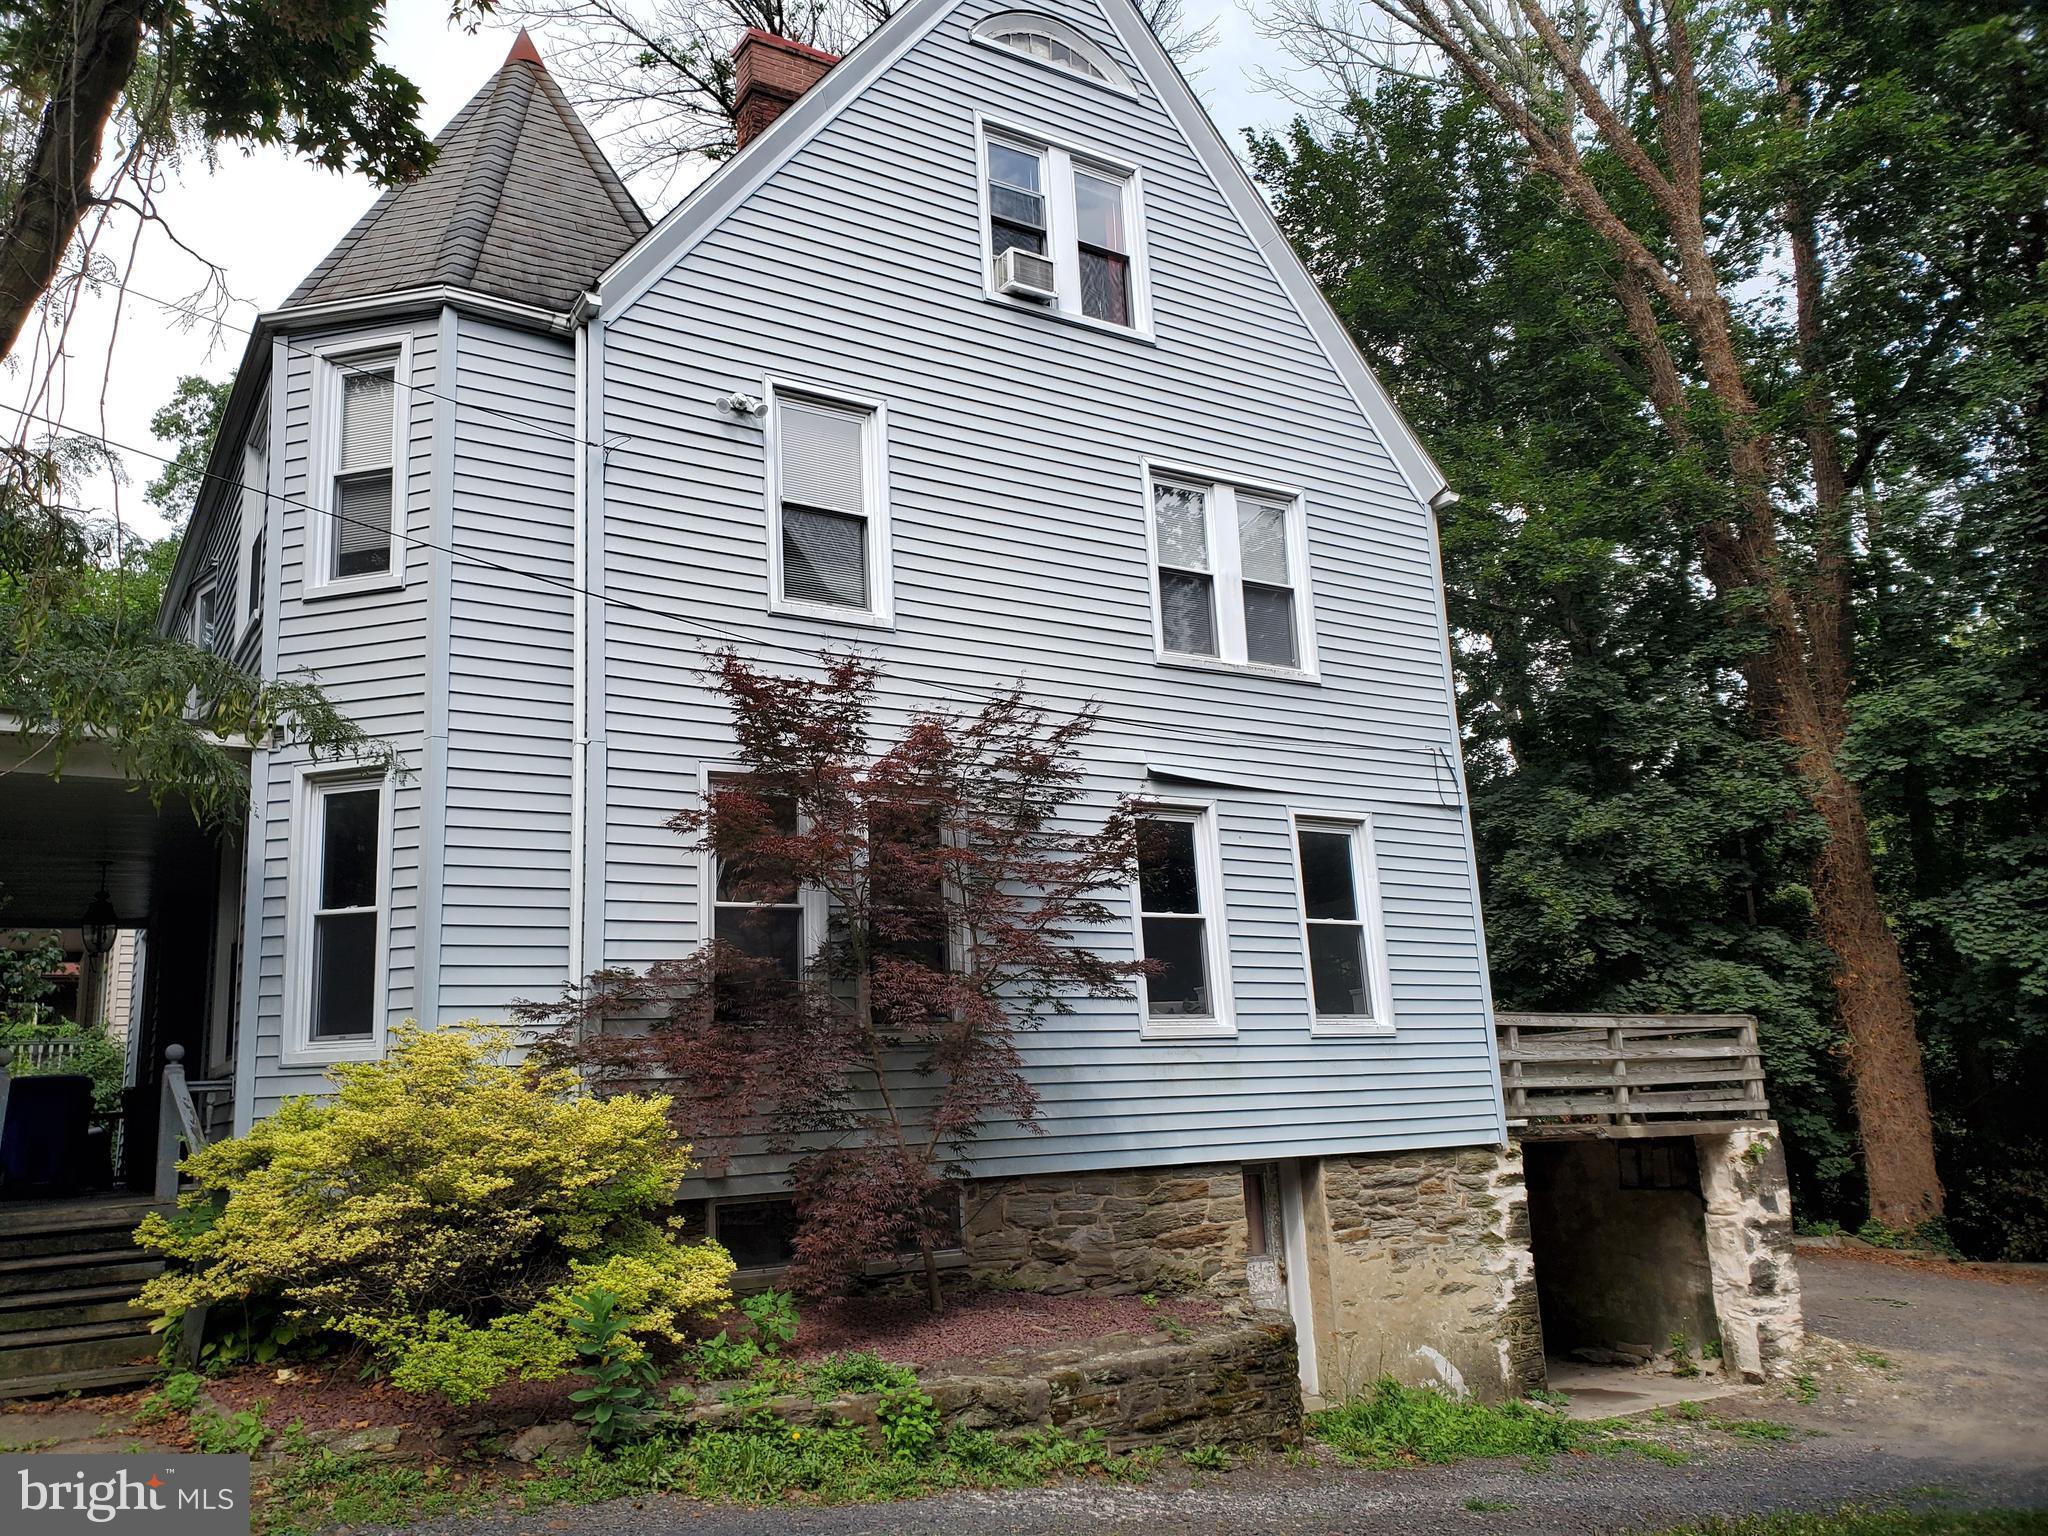 129 WASHINGTON LANE, WYNCOTE, PA 19095